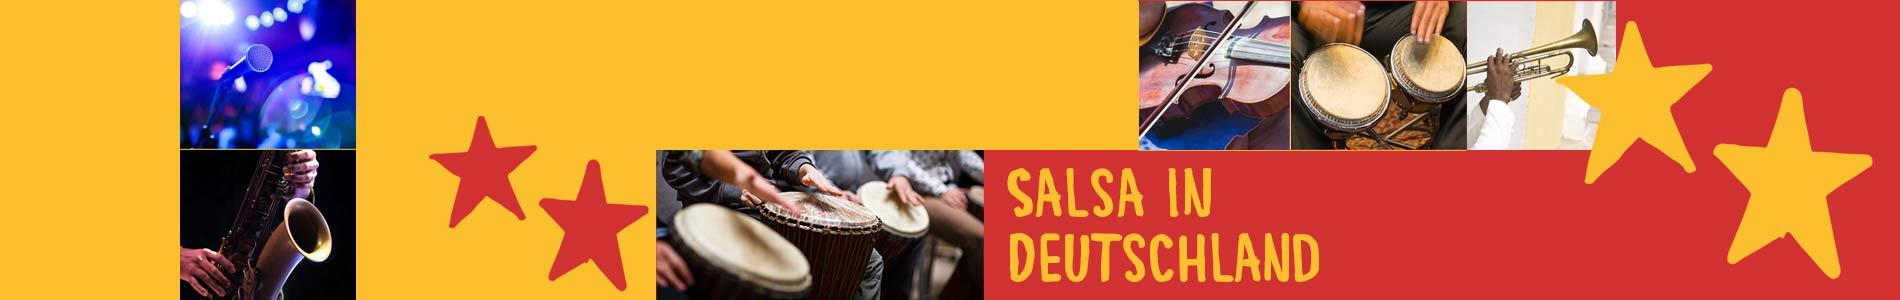 Salsa in Borkheide – Salsa lernen und tanzen, Tanzkurse, Partys, Veranstaltungen